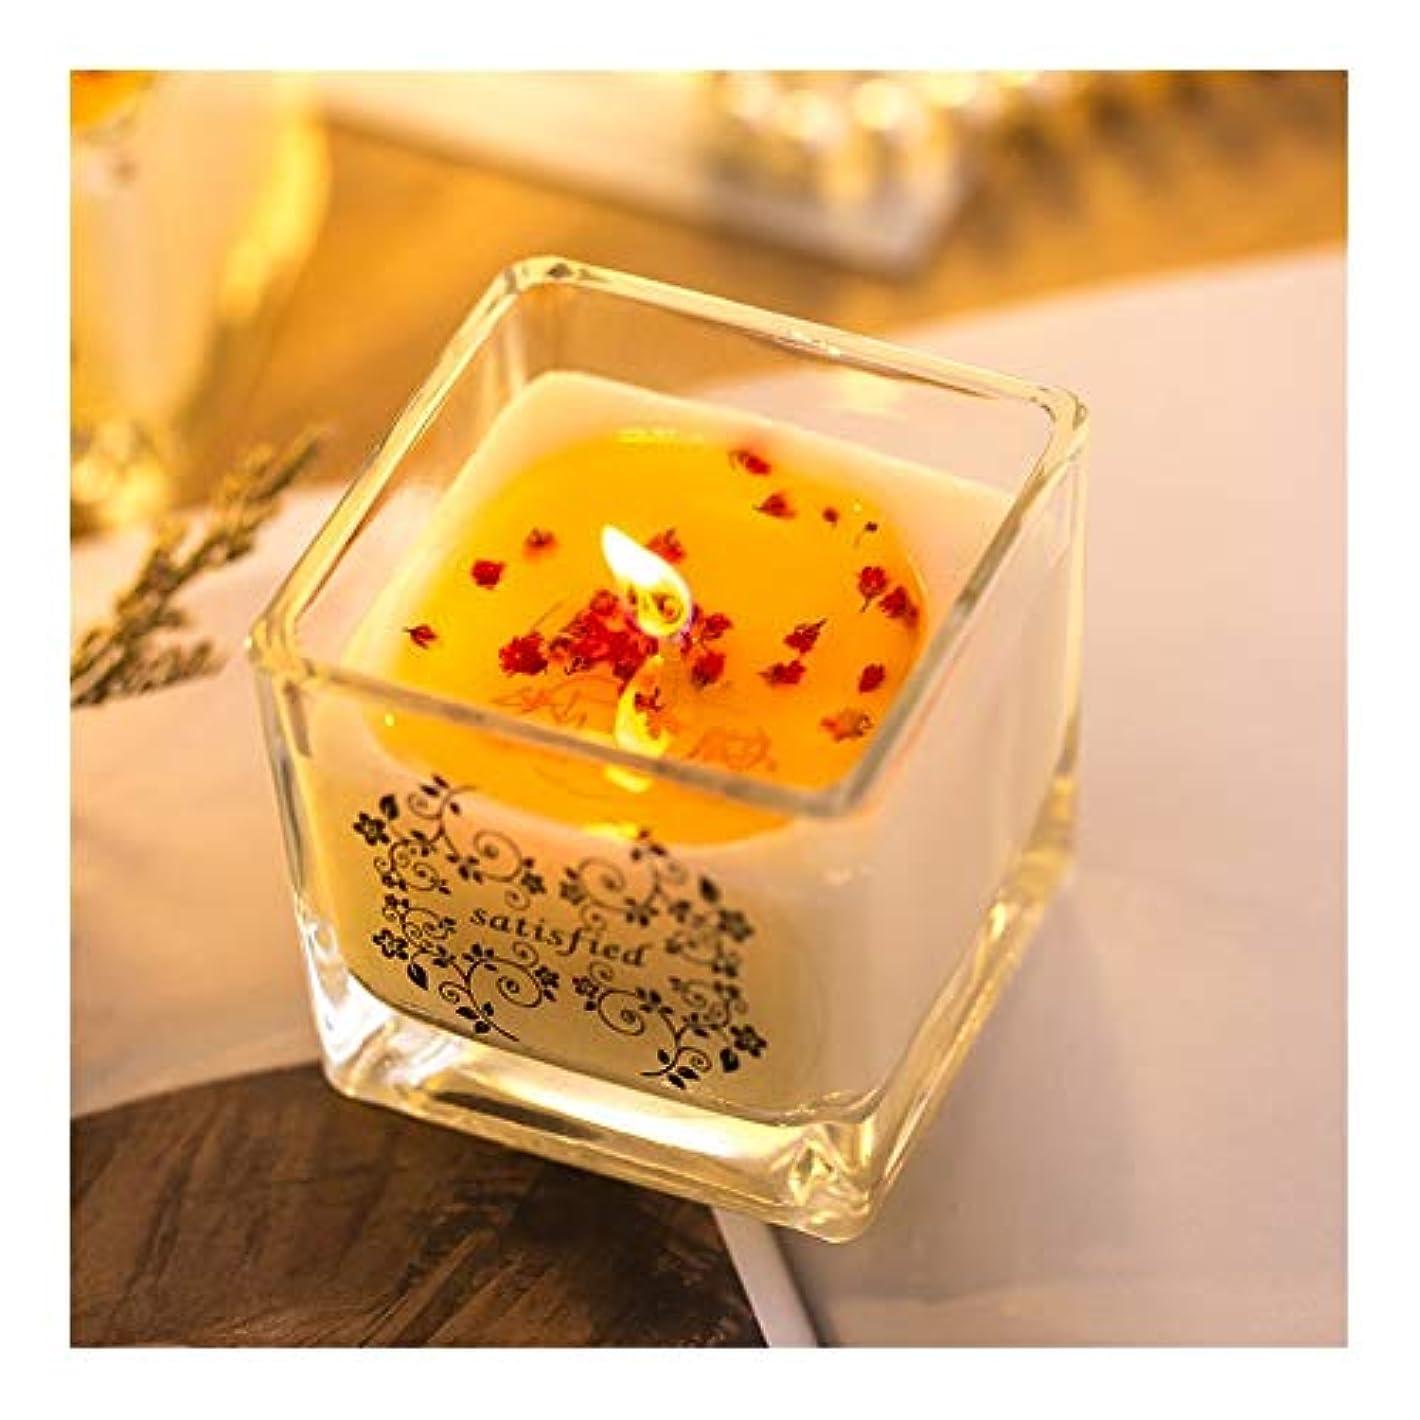 以内にカバレッジにじみ出るZtian 手作りアロマセラピー大豆キャンドルロマンチックな結婚結婚ガラスの花びら輸入無煙エッセンシャルオイルキャンドル卸売 (色 : Green tea)